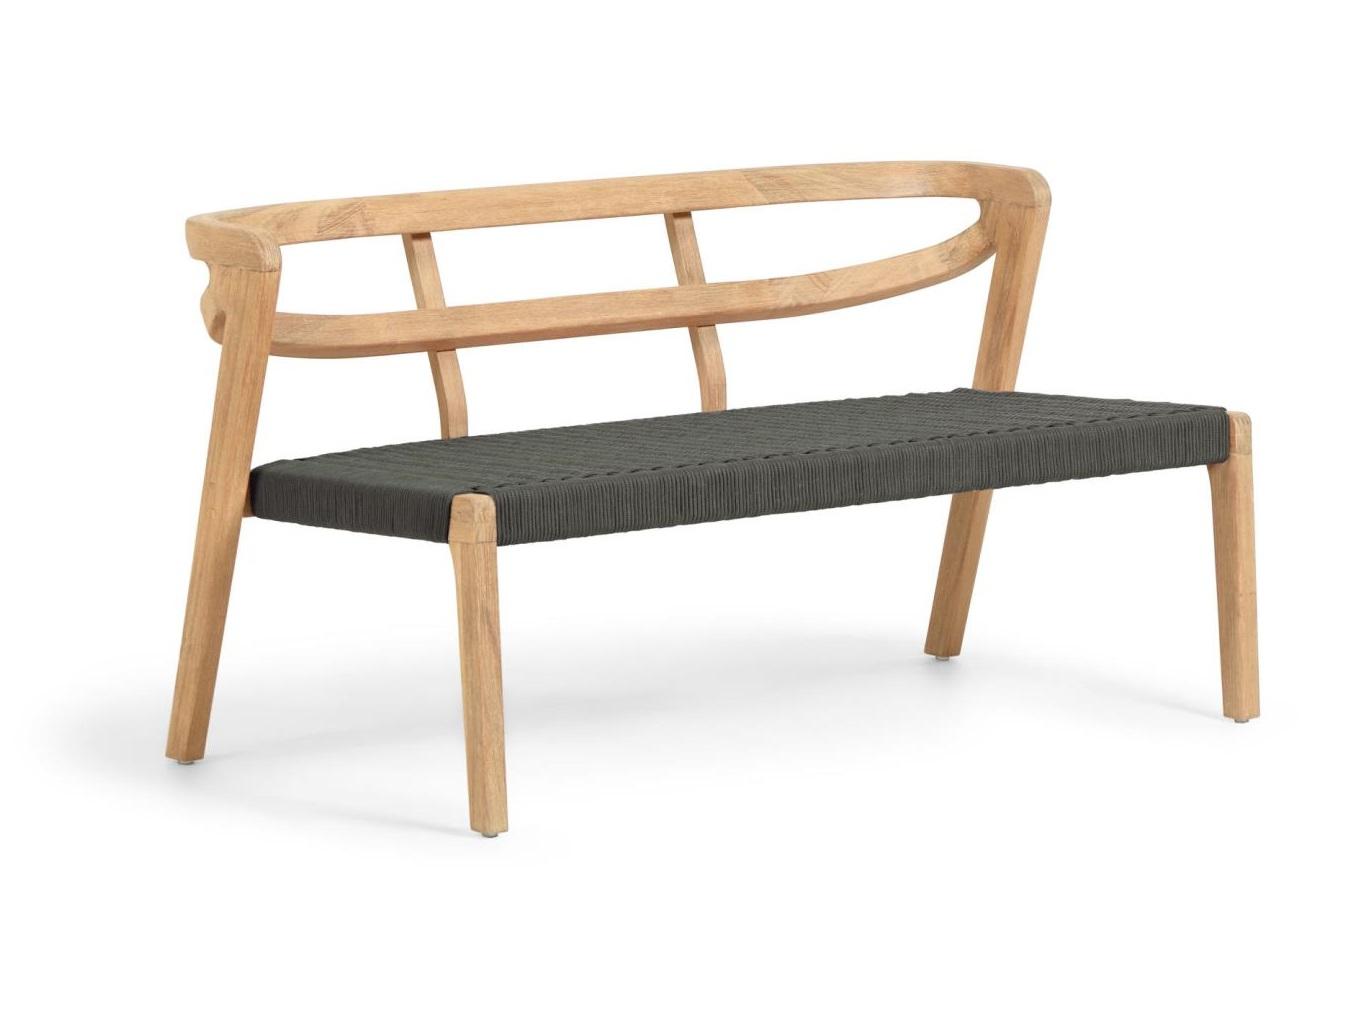 La forma двухместный диван ezilda коричневый 127778/7